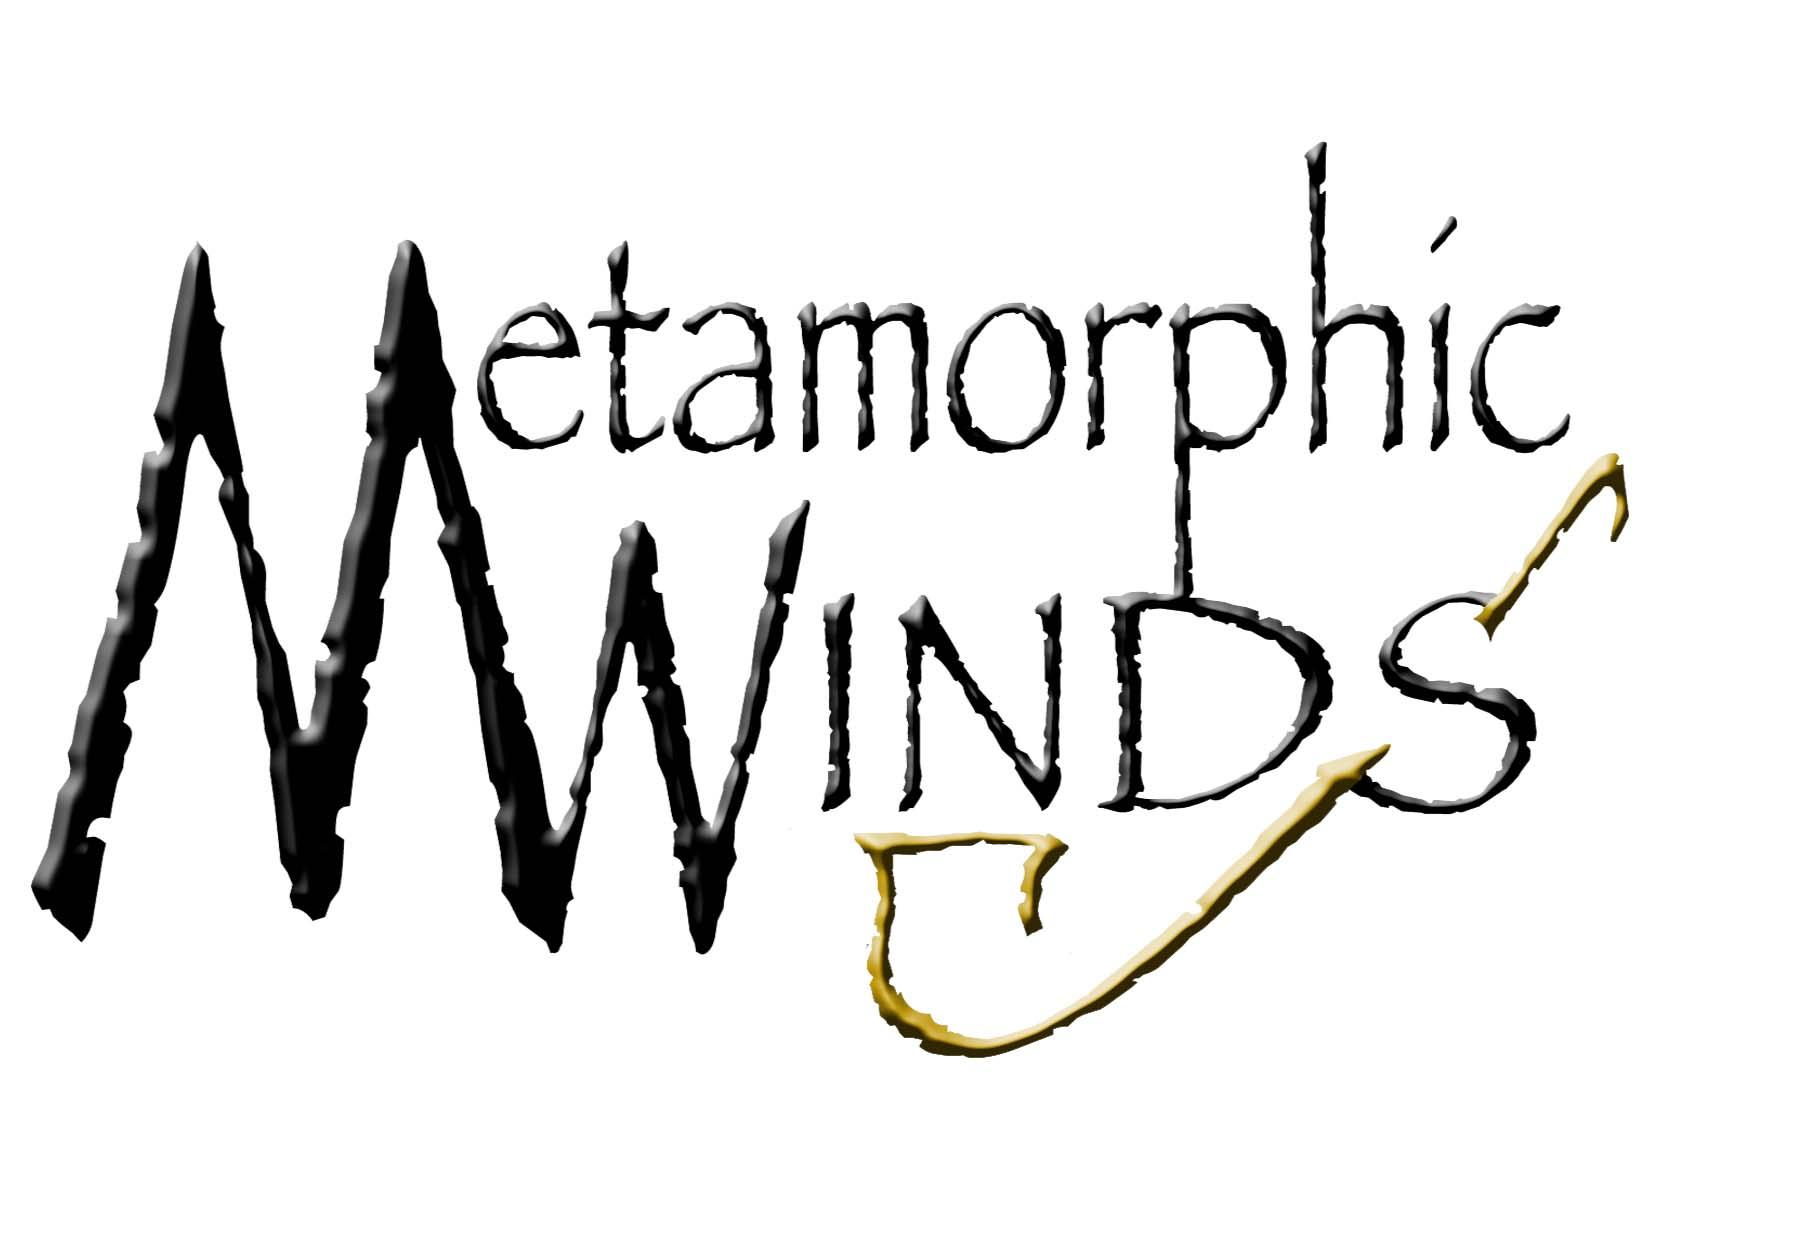 Metamorphic Winds L#19891A0.jpg